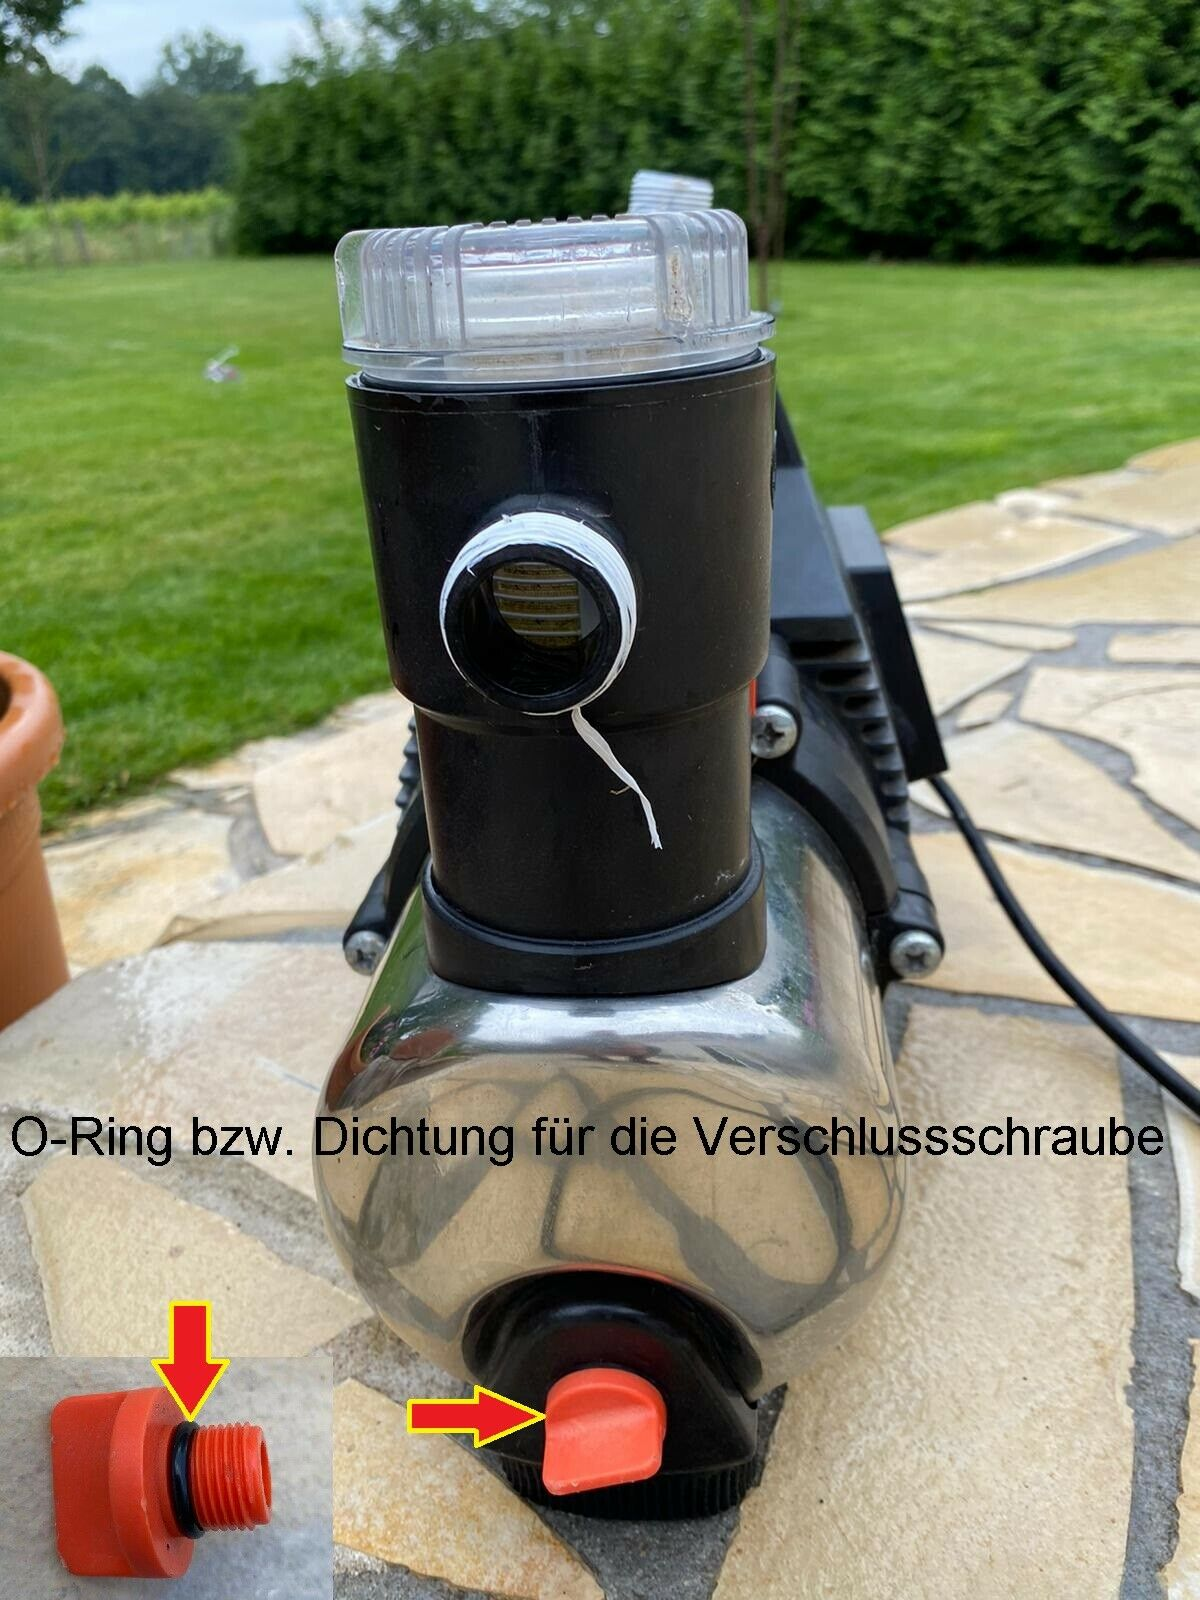 5000 O-Ringe Dichtung für Gardena Pumpe Hauswasserautomat 4000 6000 Series